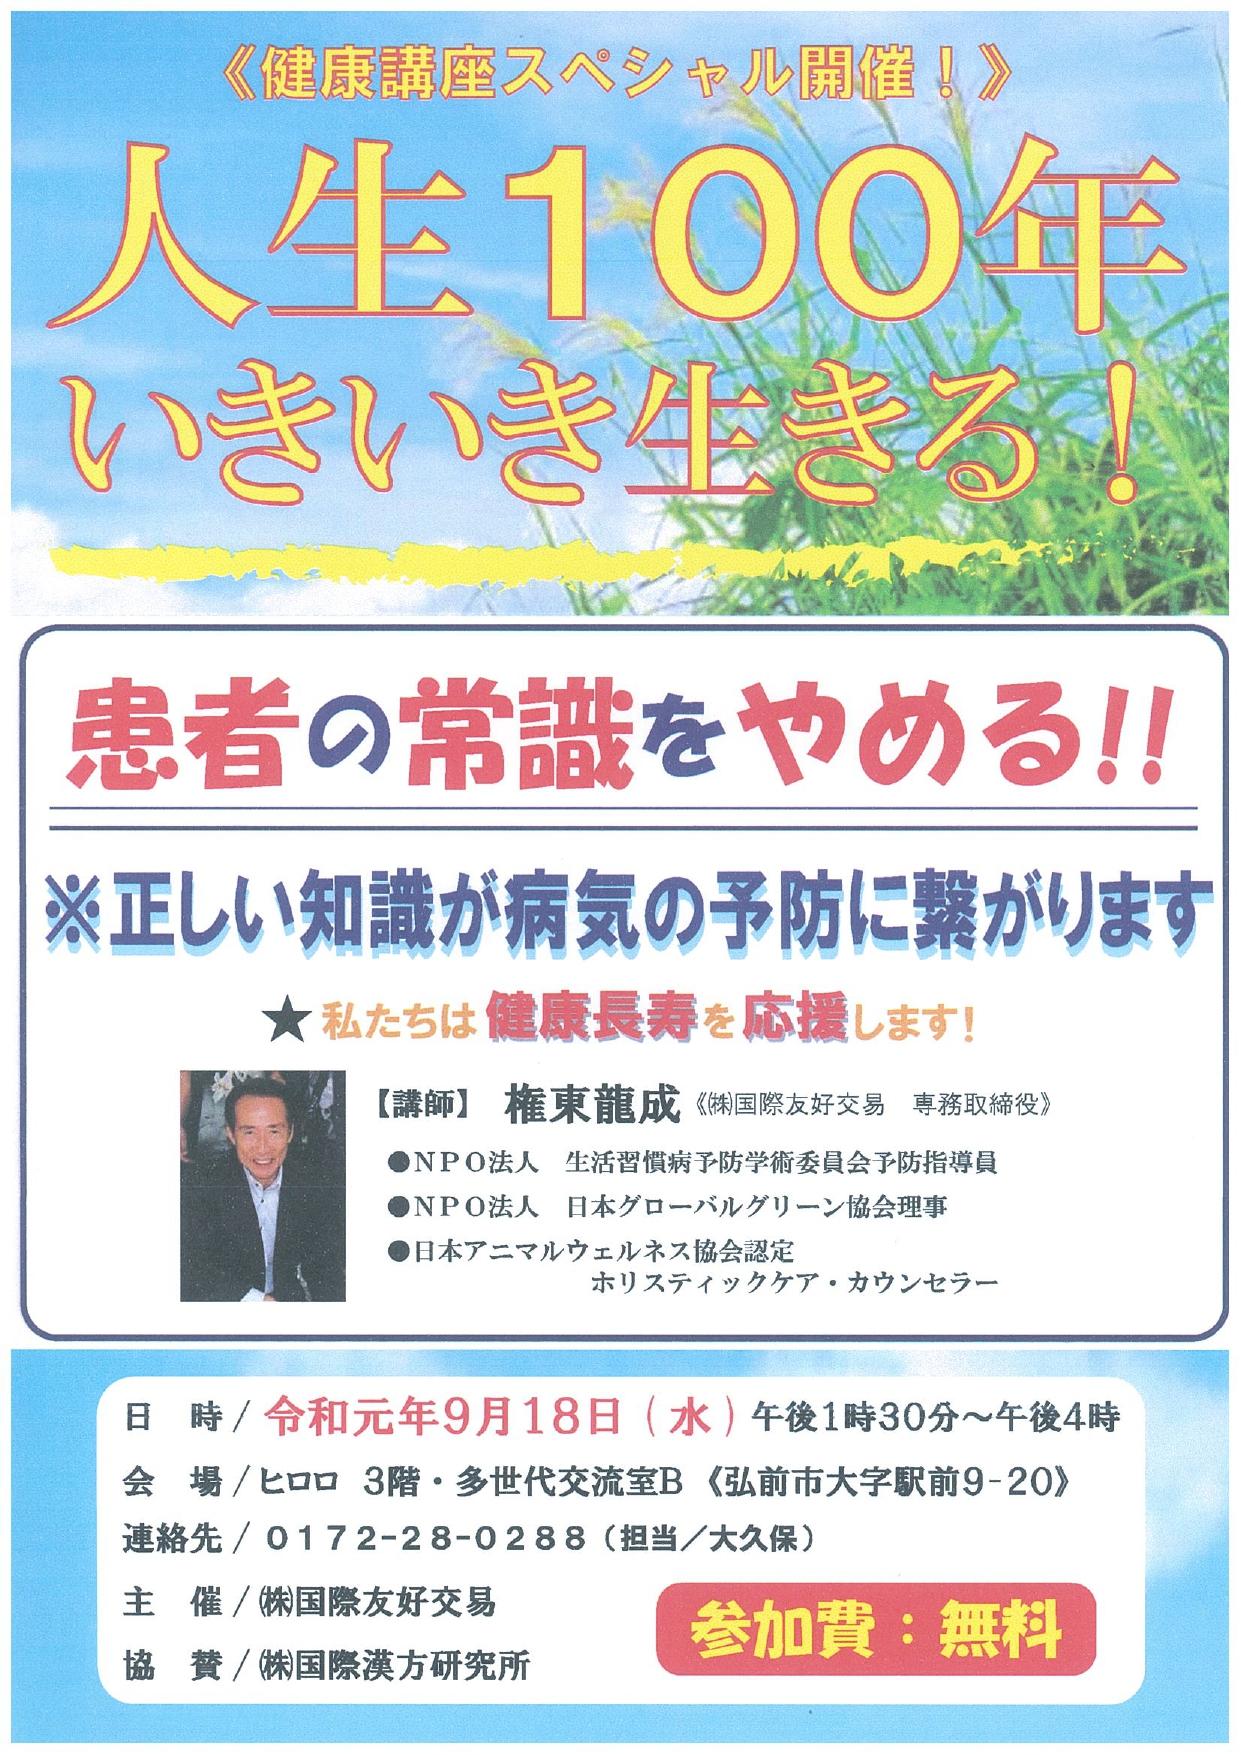 国際友好交易_page-0001 (1).jpg